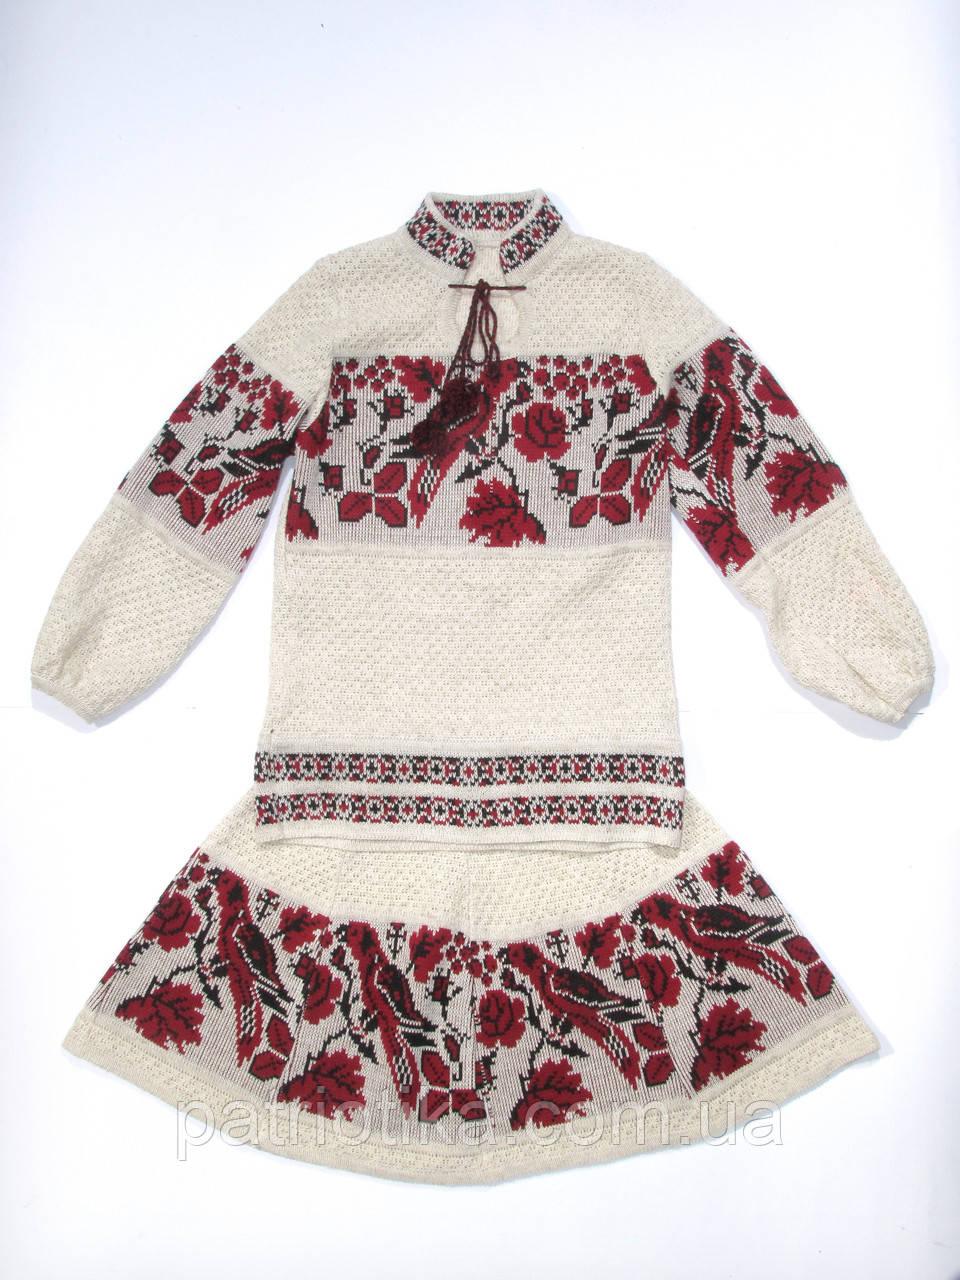 Вязаный костюм на девочку Птичка красная 2   В'язаний костюм на дівчинку Пташка червона 2